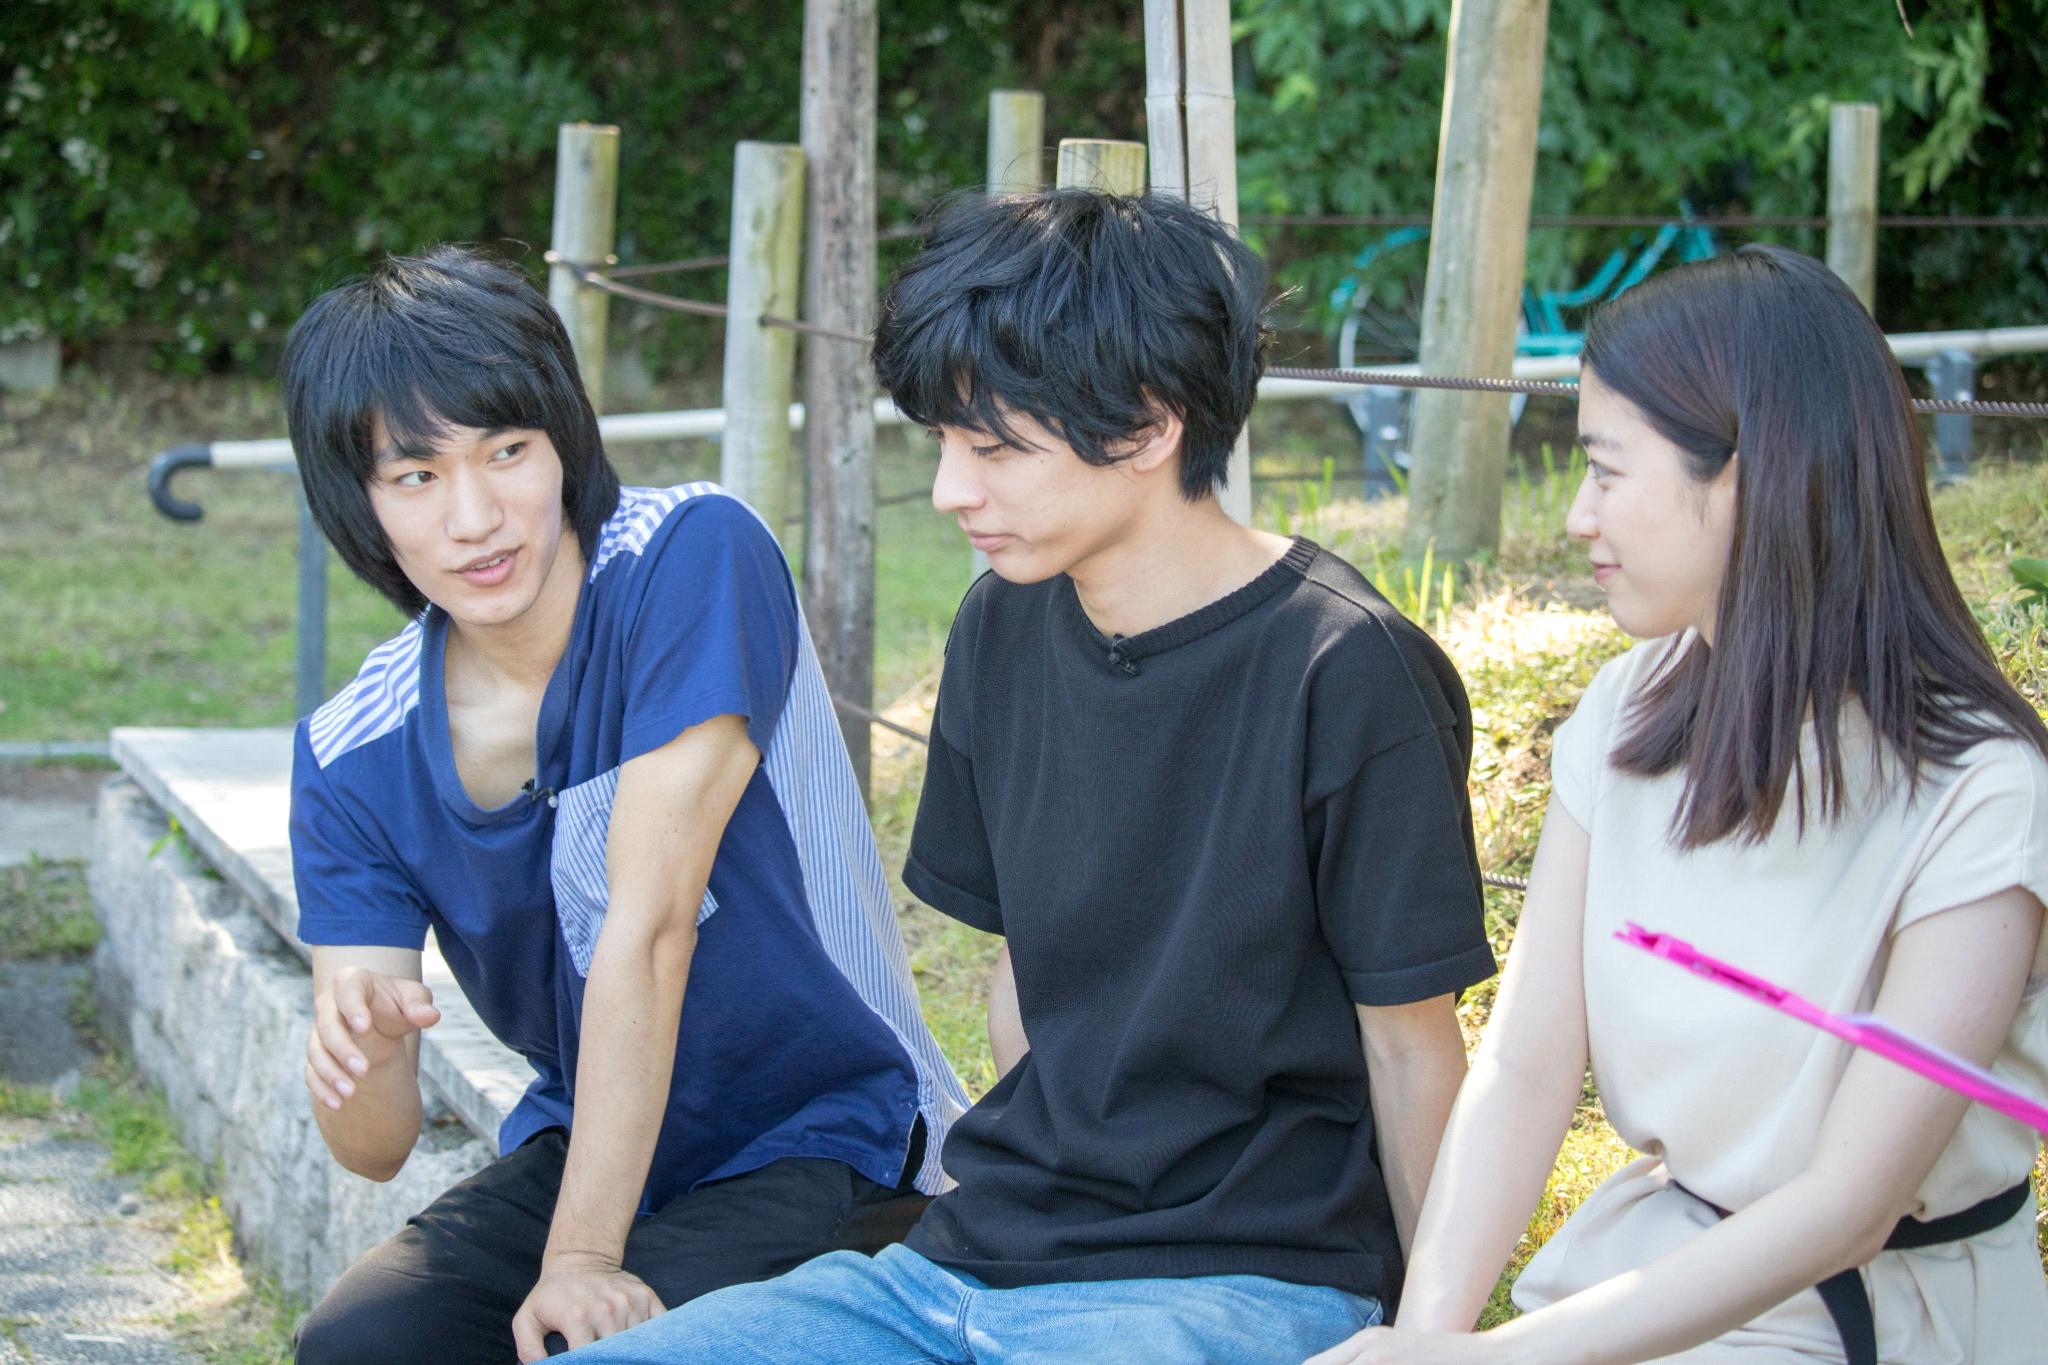 夢を追う学生へ:女優・成海璃子さん、俳優・須藤蓮さん、三村和敬さんにインタビュー